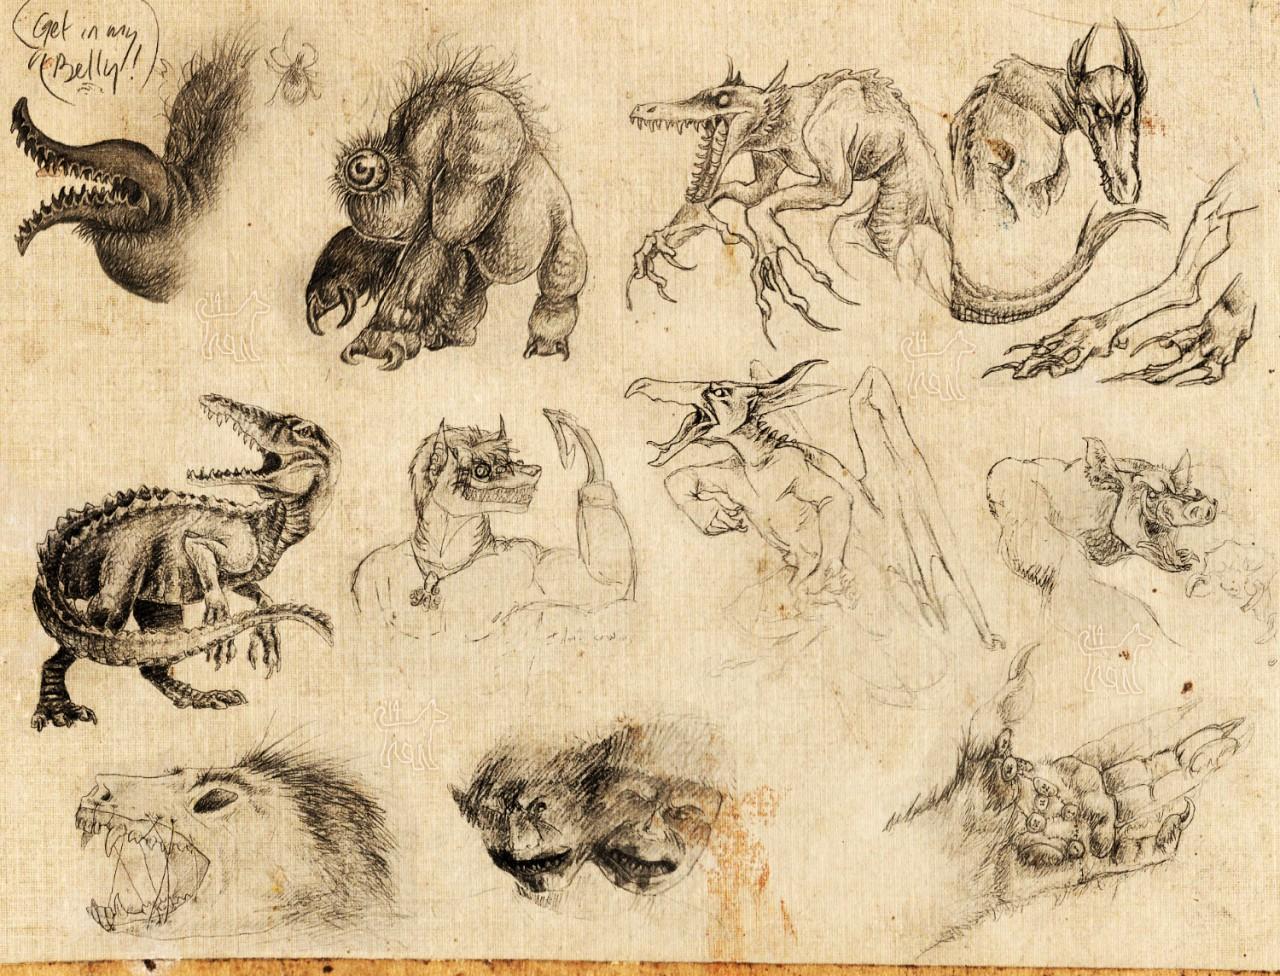 http://orig09.deviantart.net/8aba/f/2015/108/5/c/1410417508_kigerwolf_monsterr_dumpp3_fin_by_kigerwolfrd-d8q6cpp.jpg